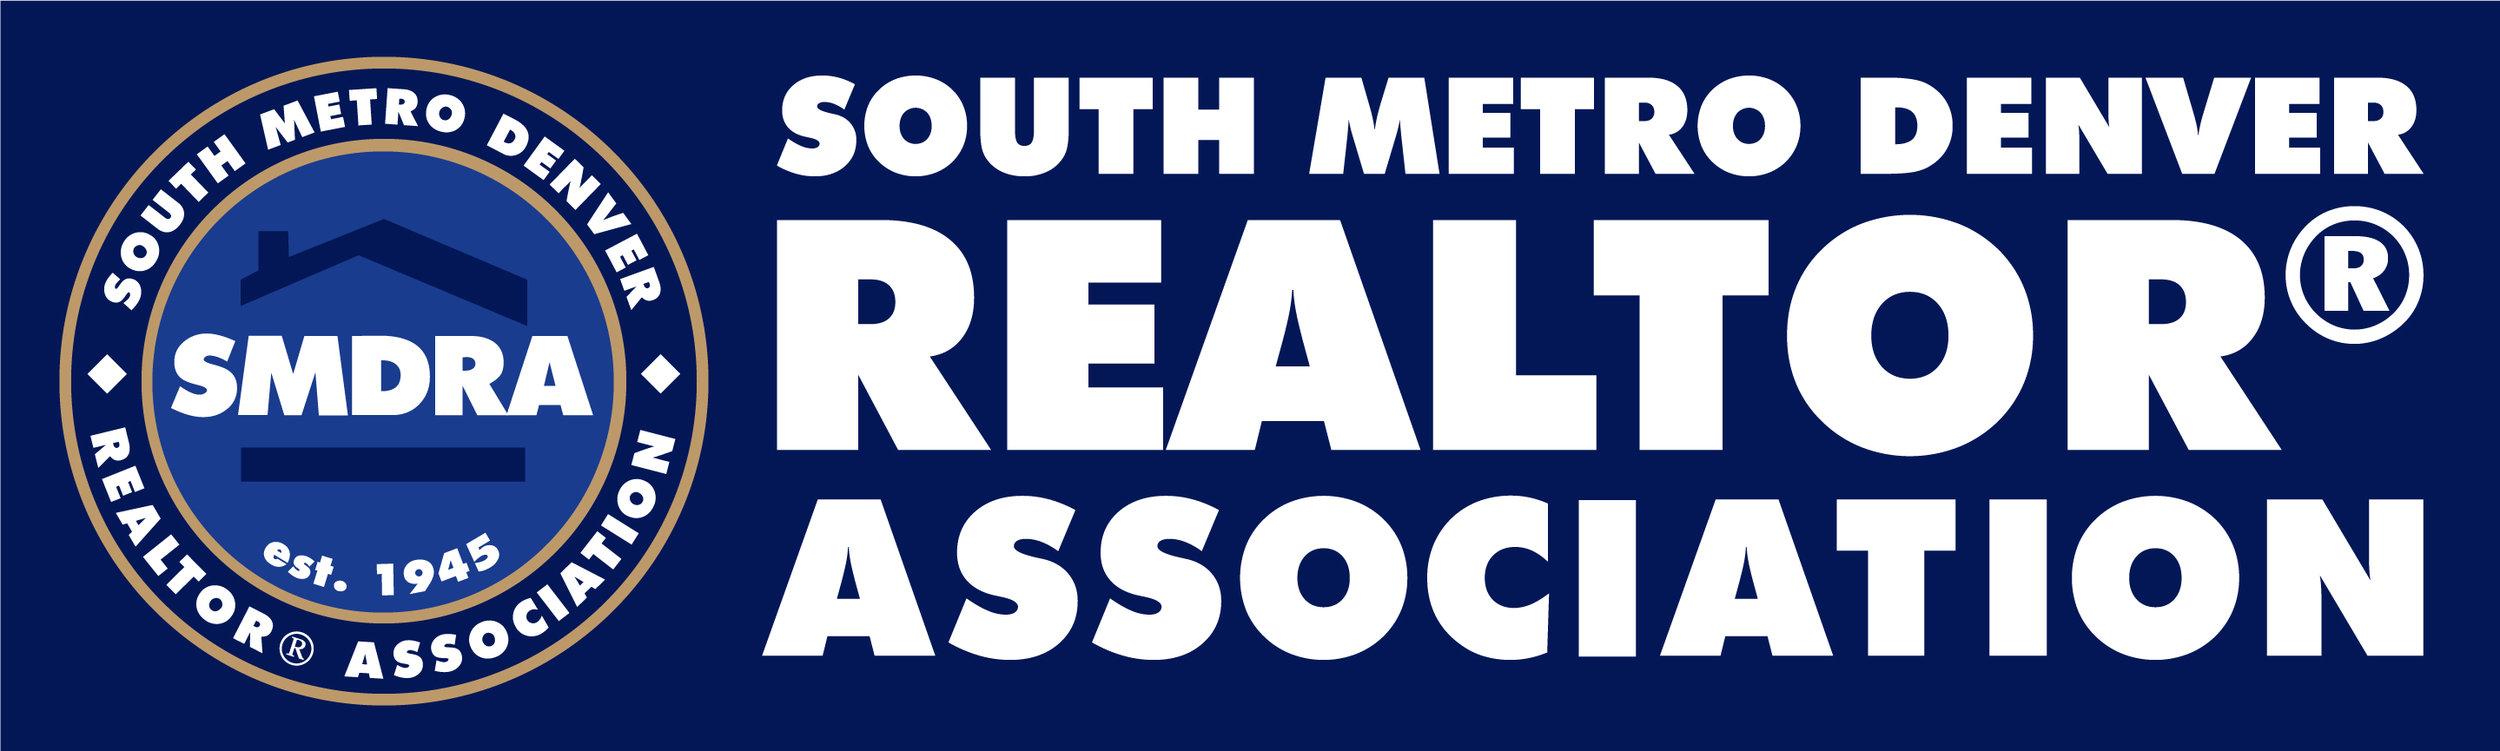 Affiliate | South Metro Denver Realtor Association